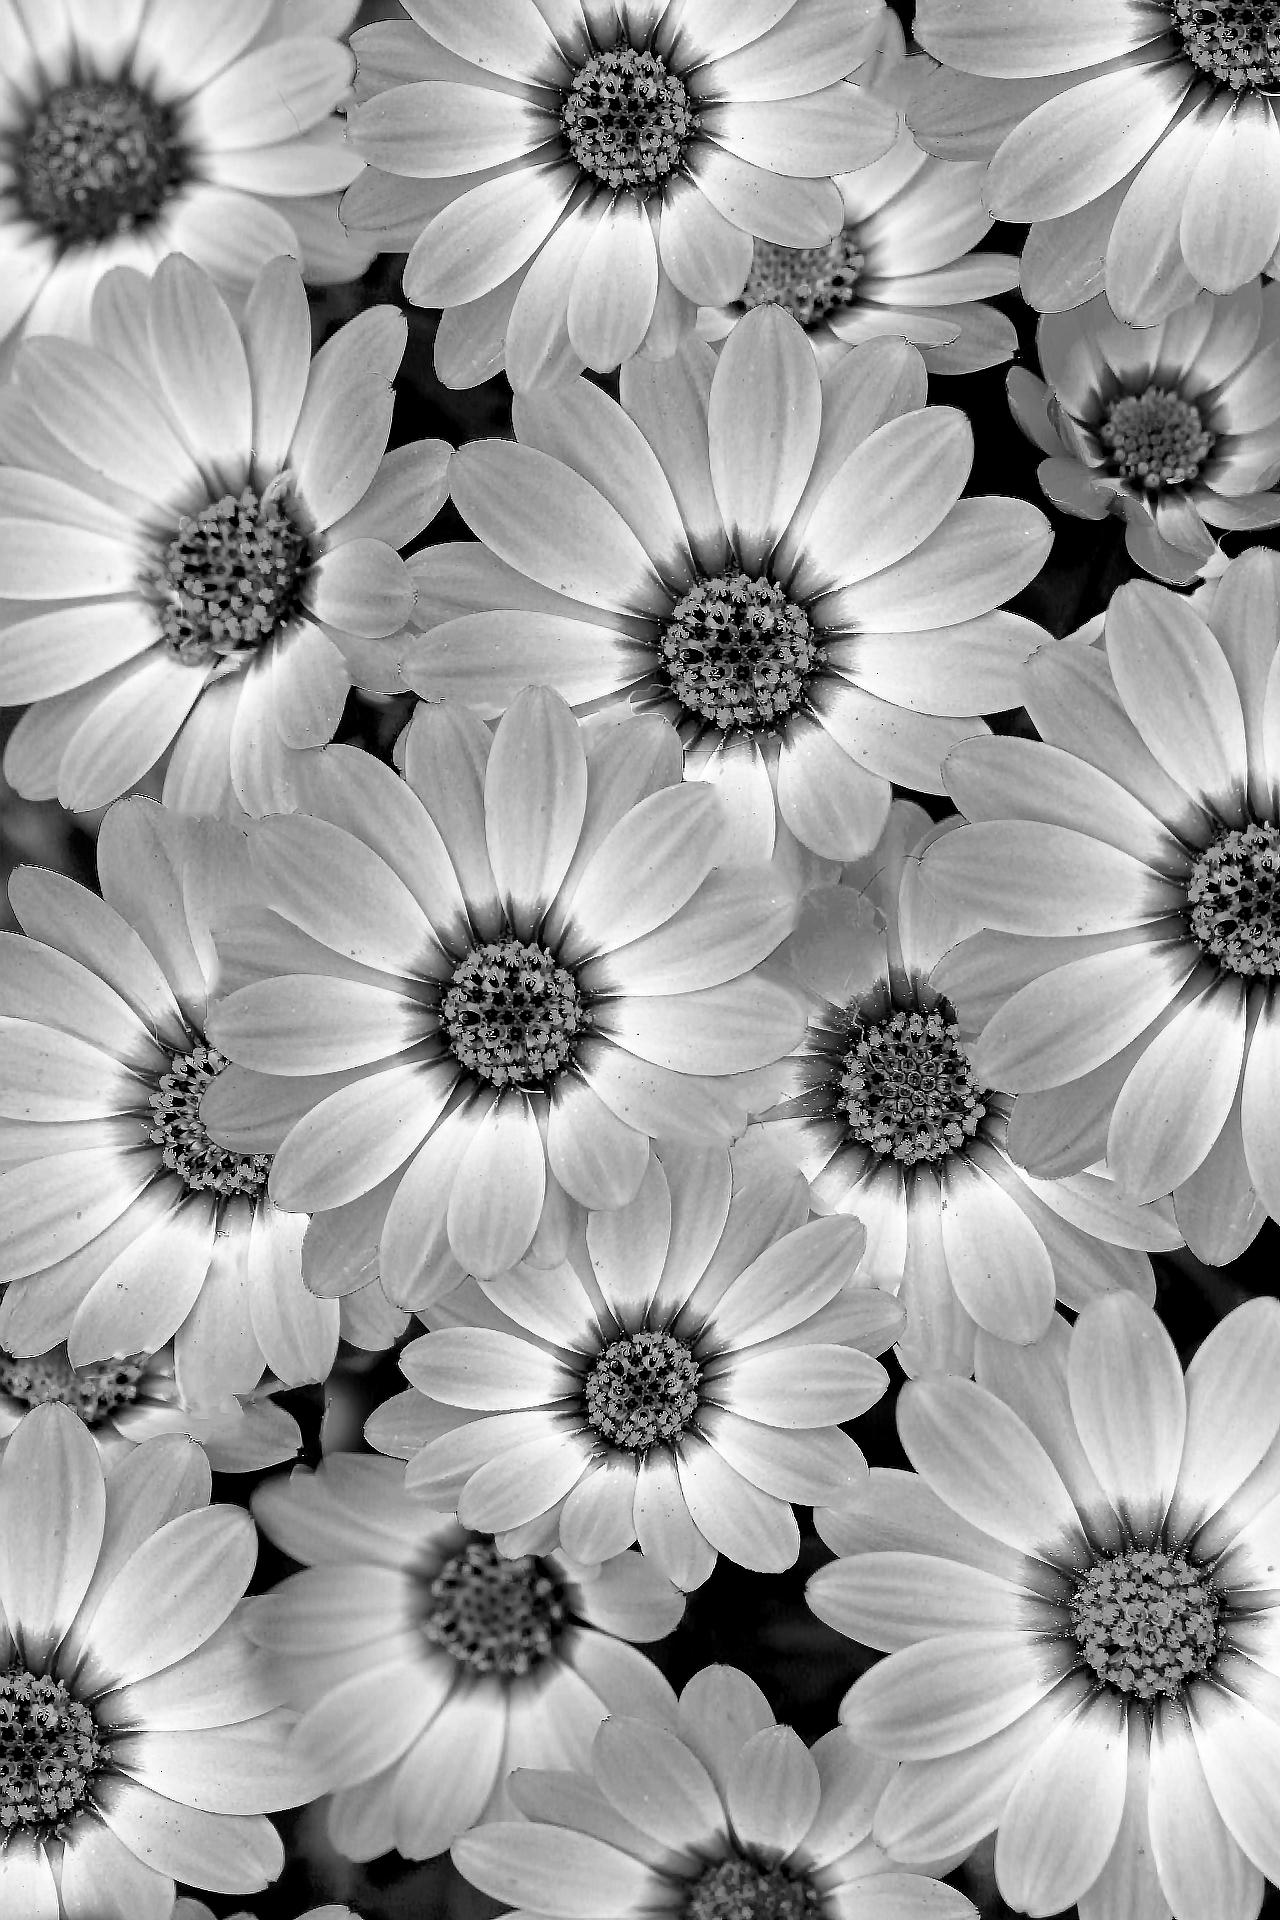 Daisy profusion bw